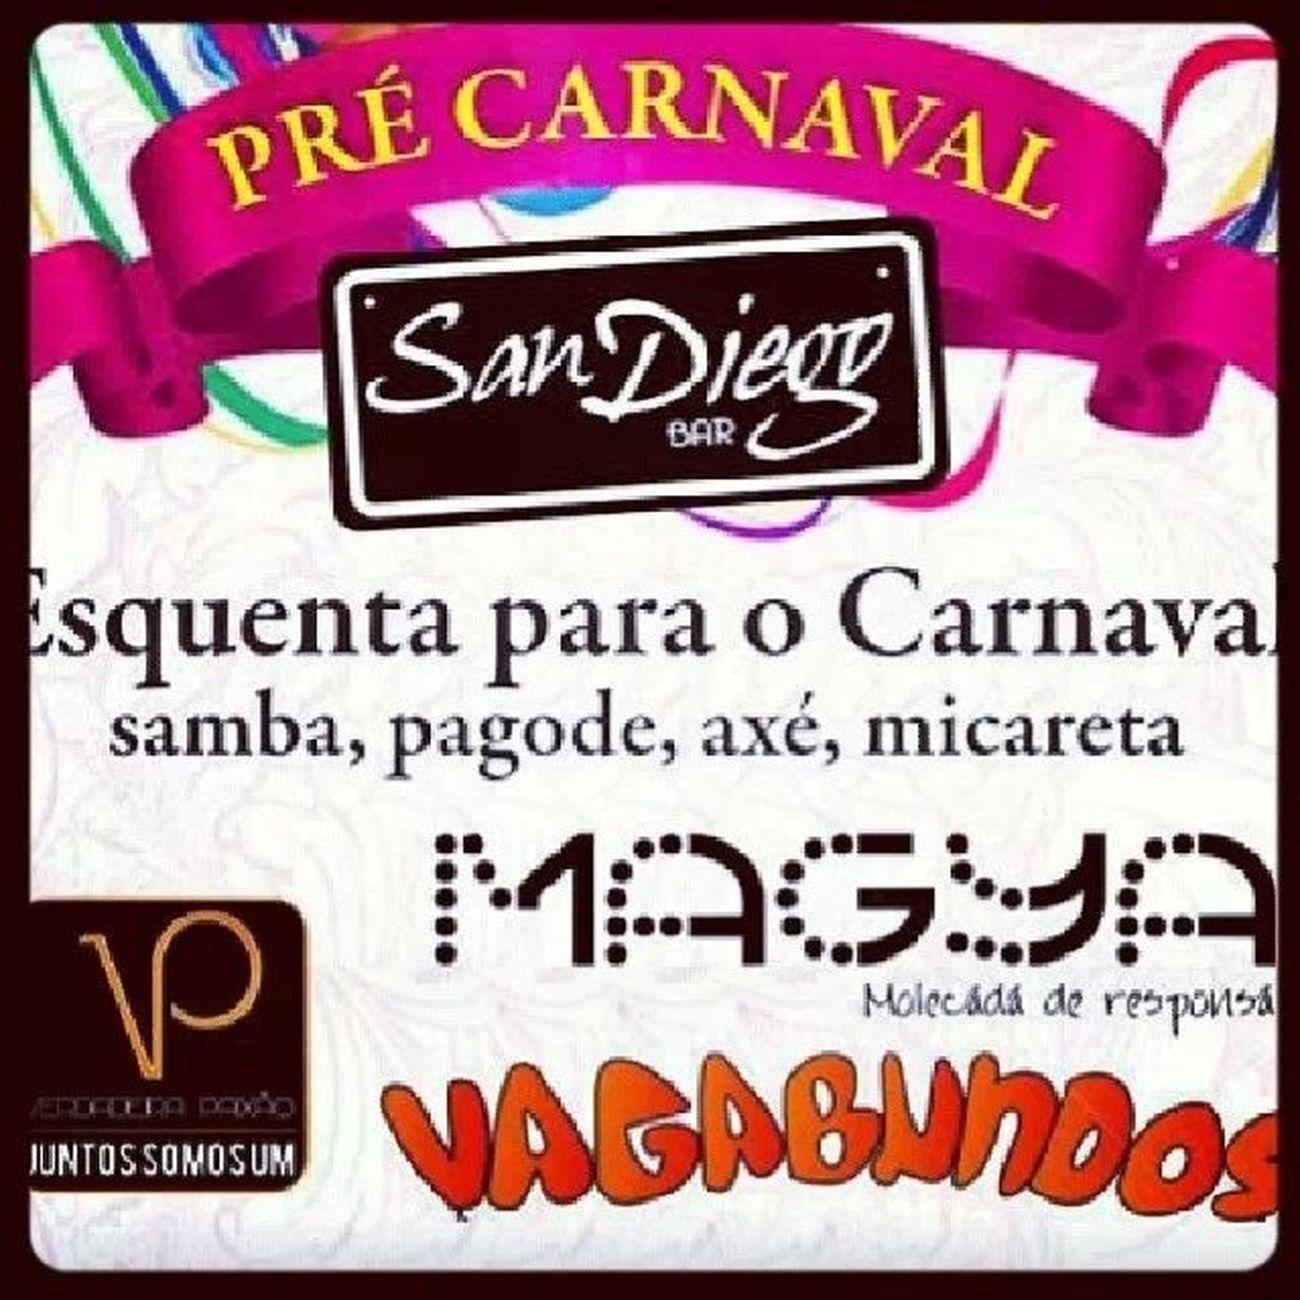 Hoje tem MaGya + Vp + Vagabundos no San Diego Bar Vemtodomundo